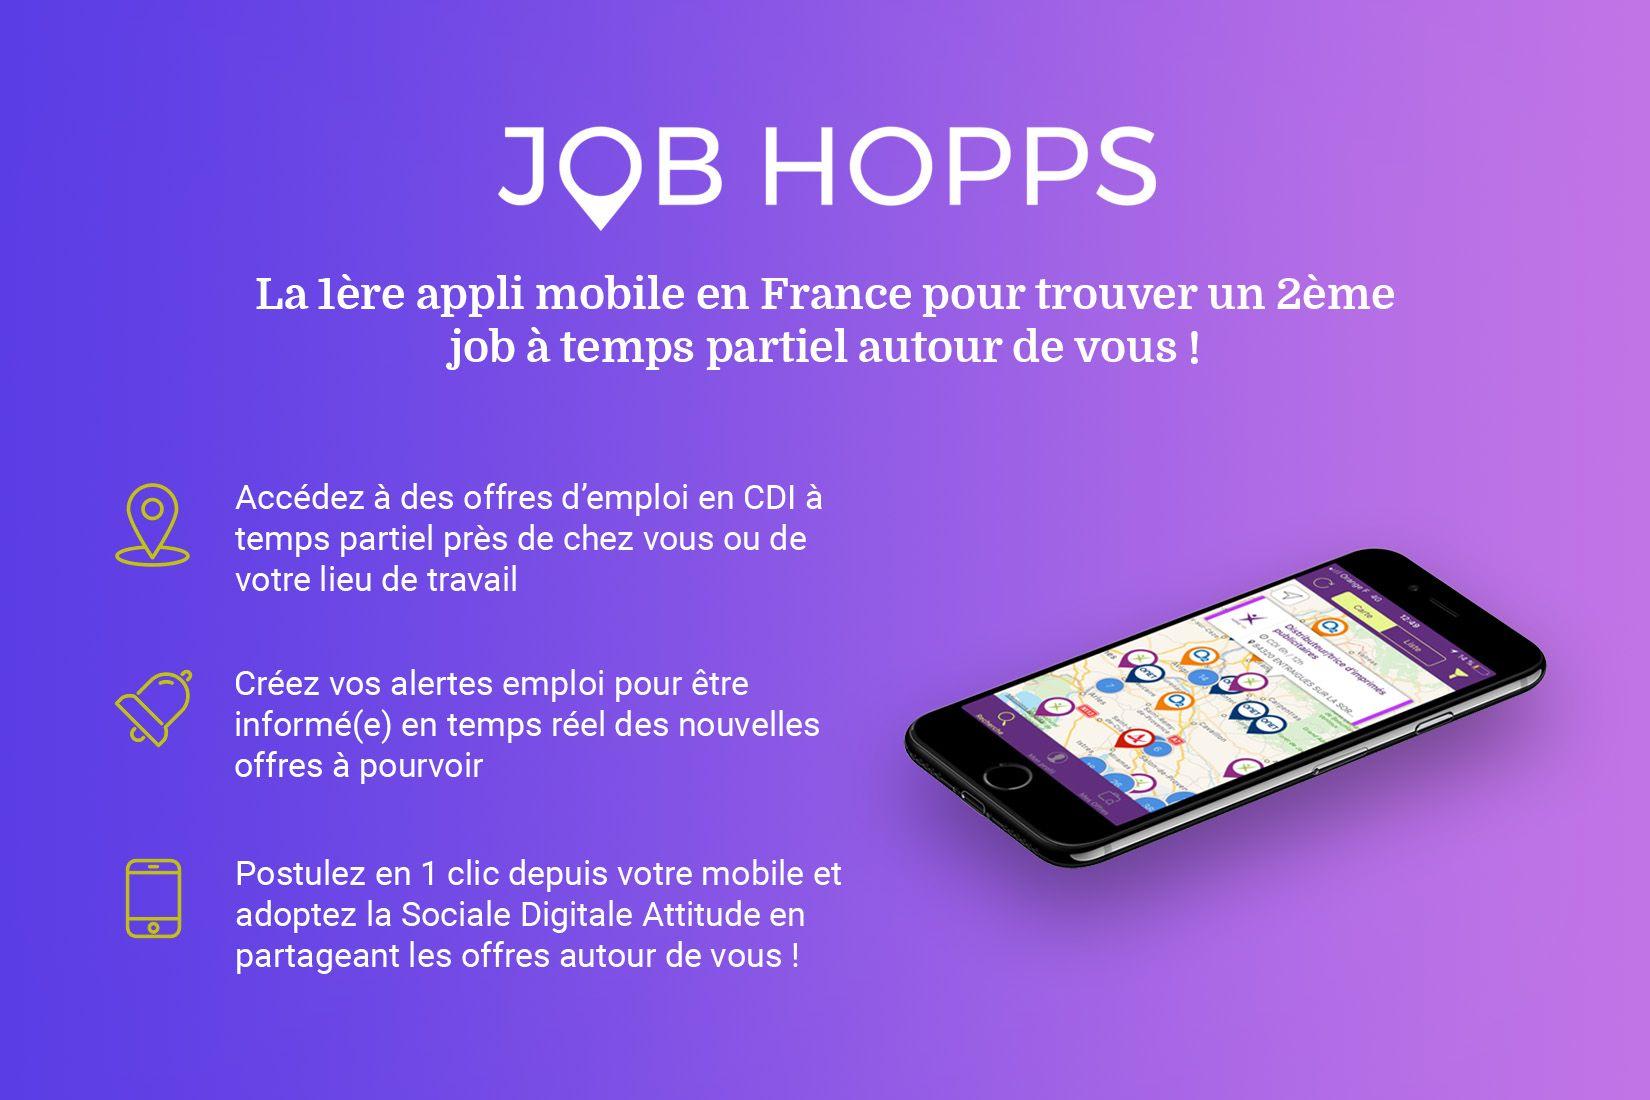 Explicatif de l'application Job Hopps